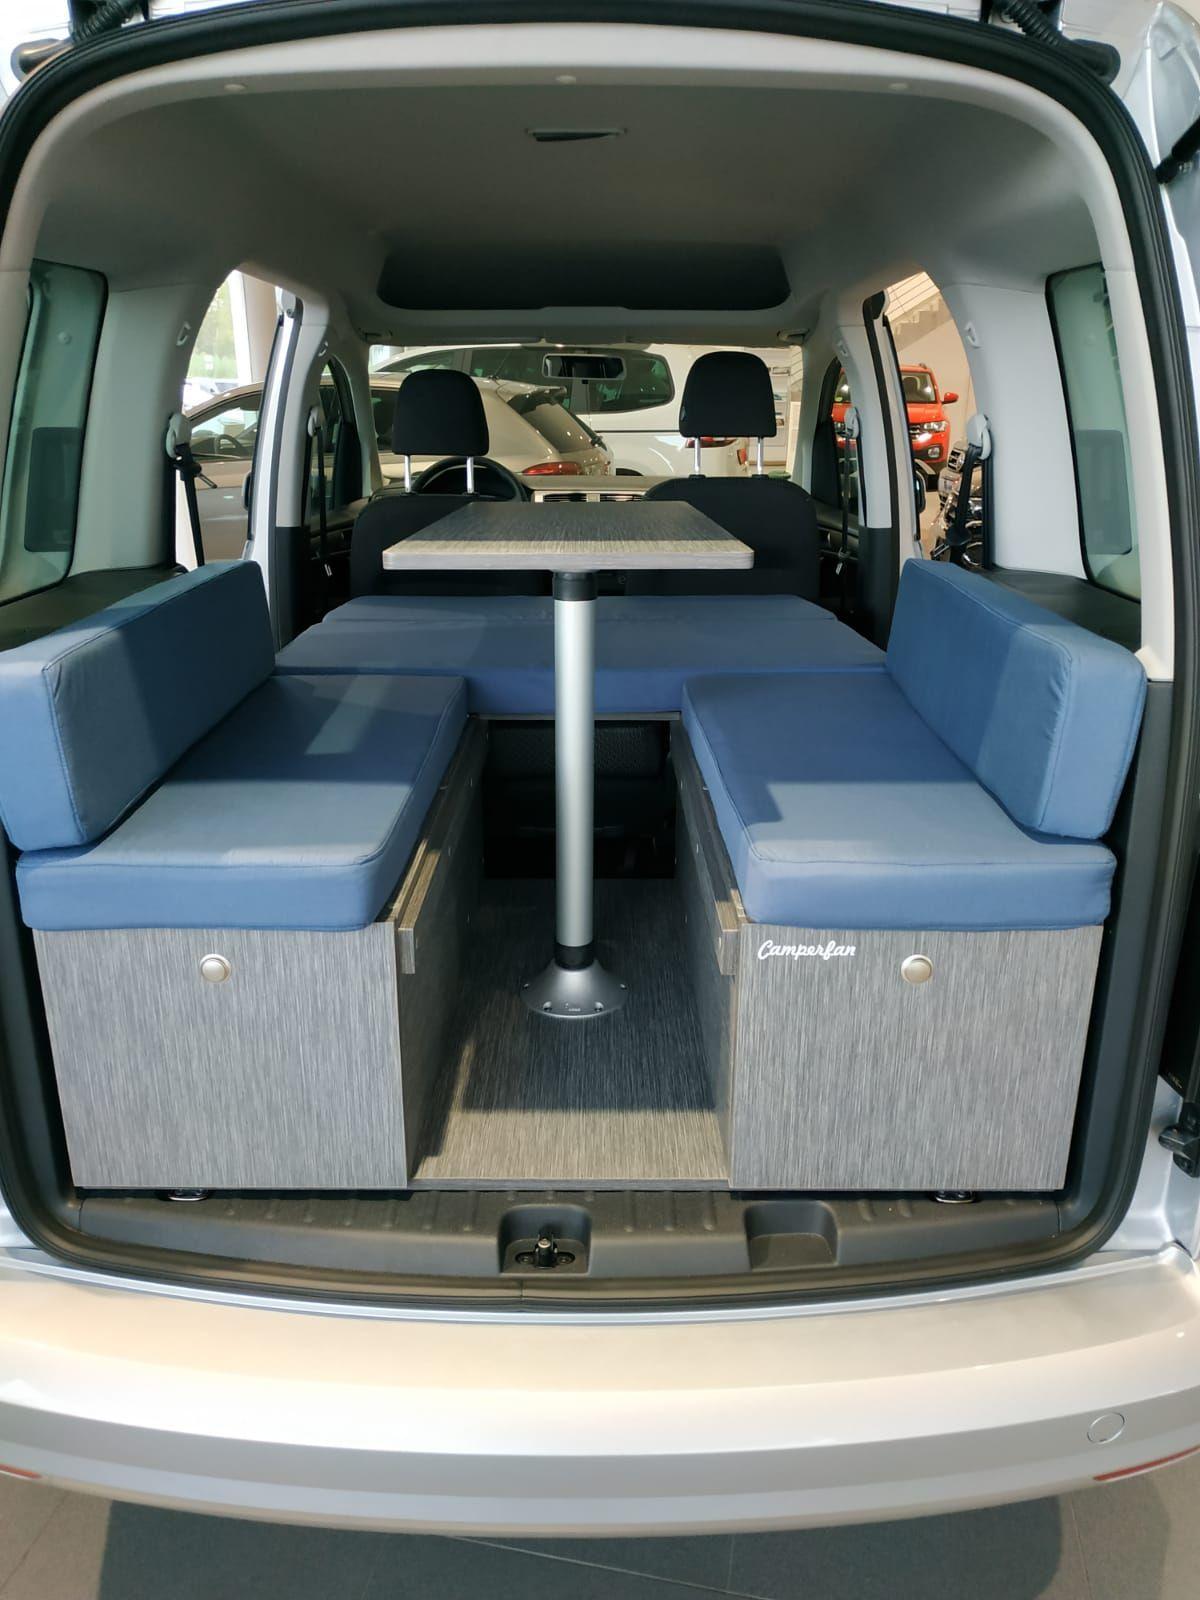 Camperiza tu Volkswagen Caddy por 2.200€ IVA INCLUIDO